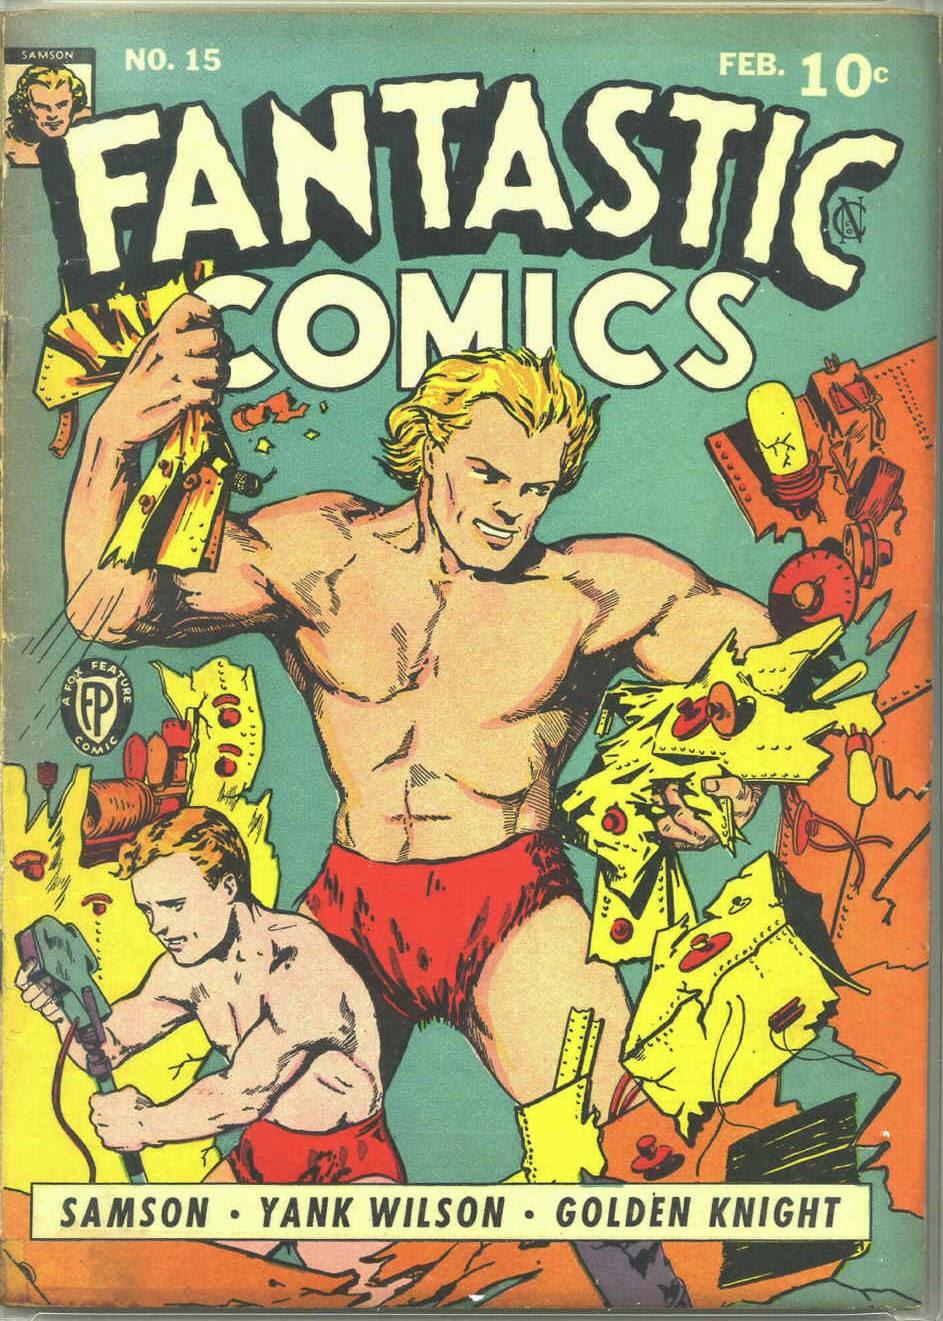 Read online Fantastic Comics comic -  Issue #15 - 1